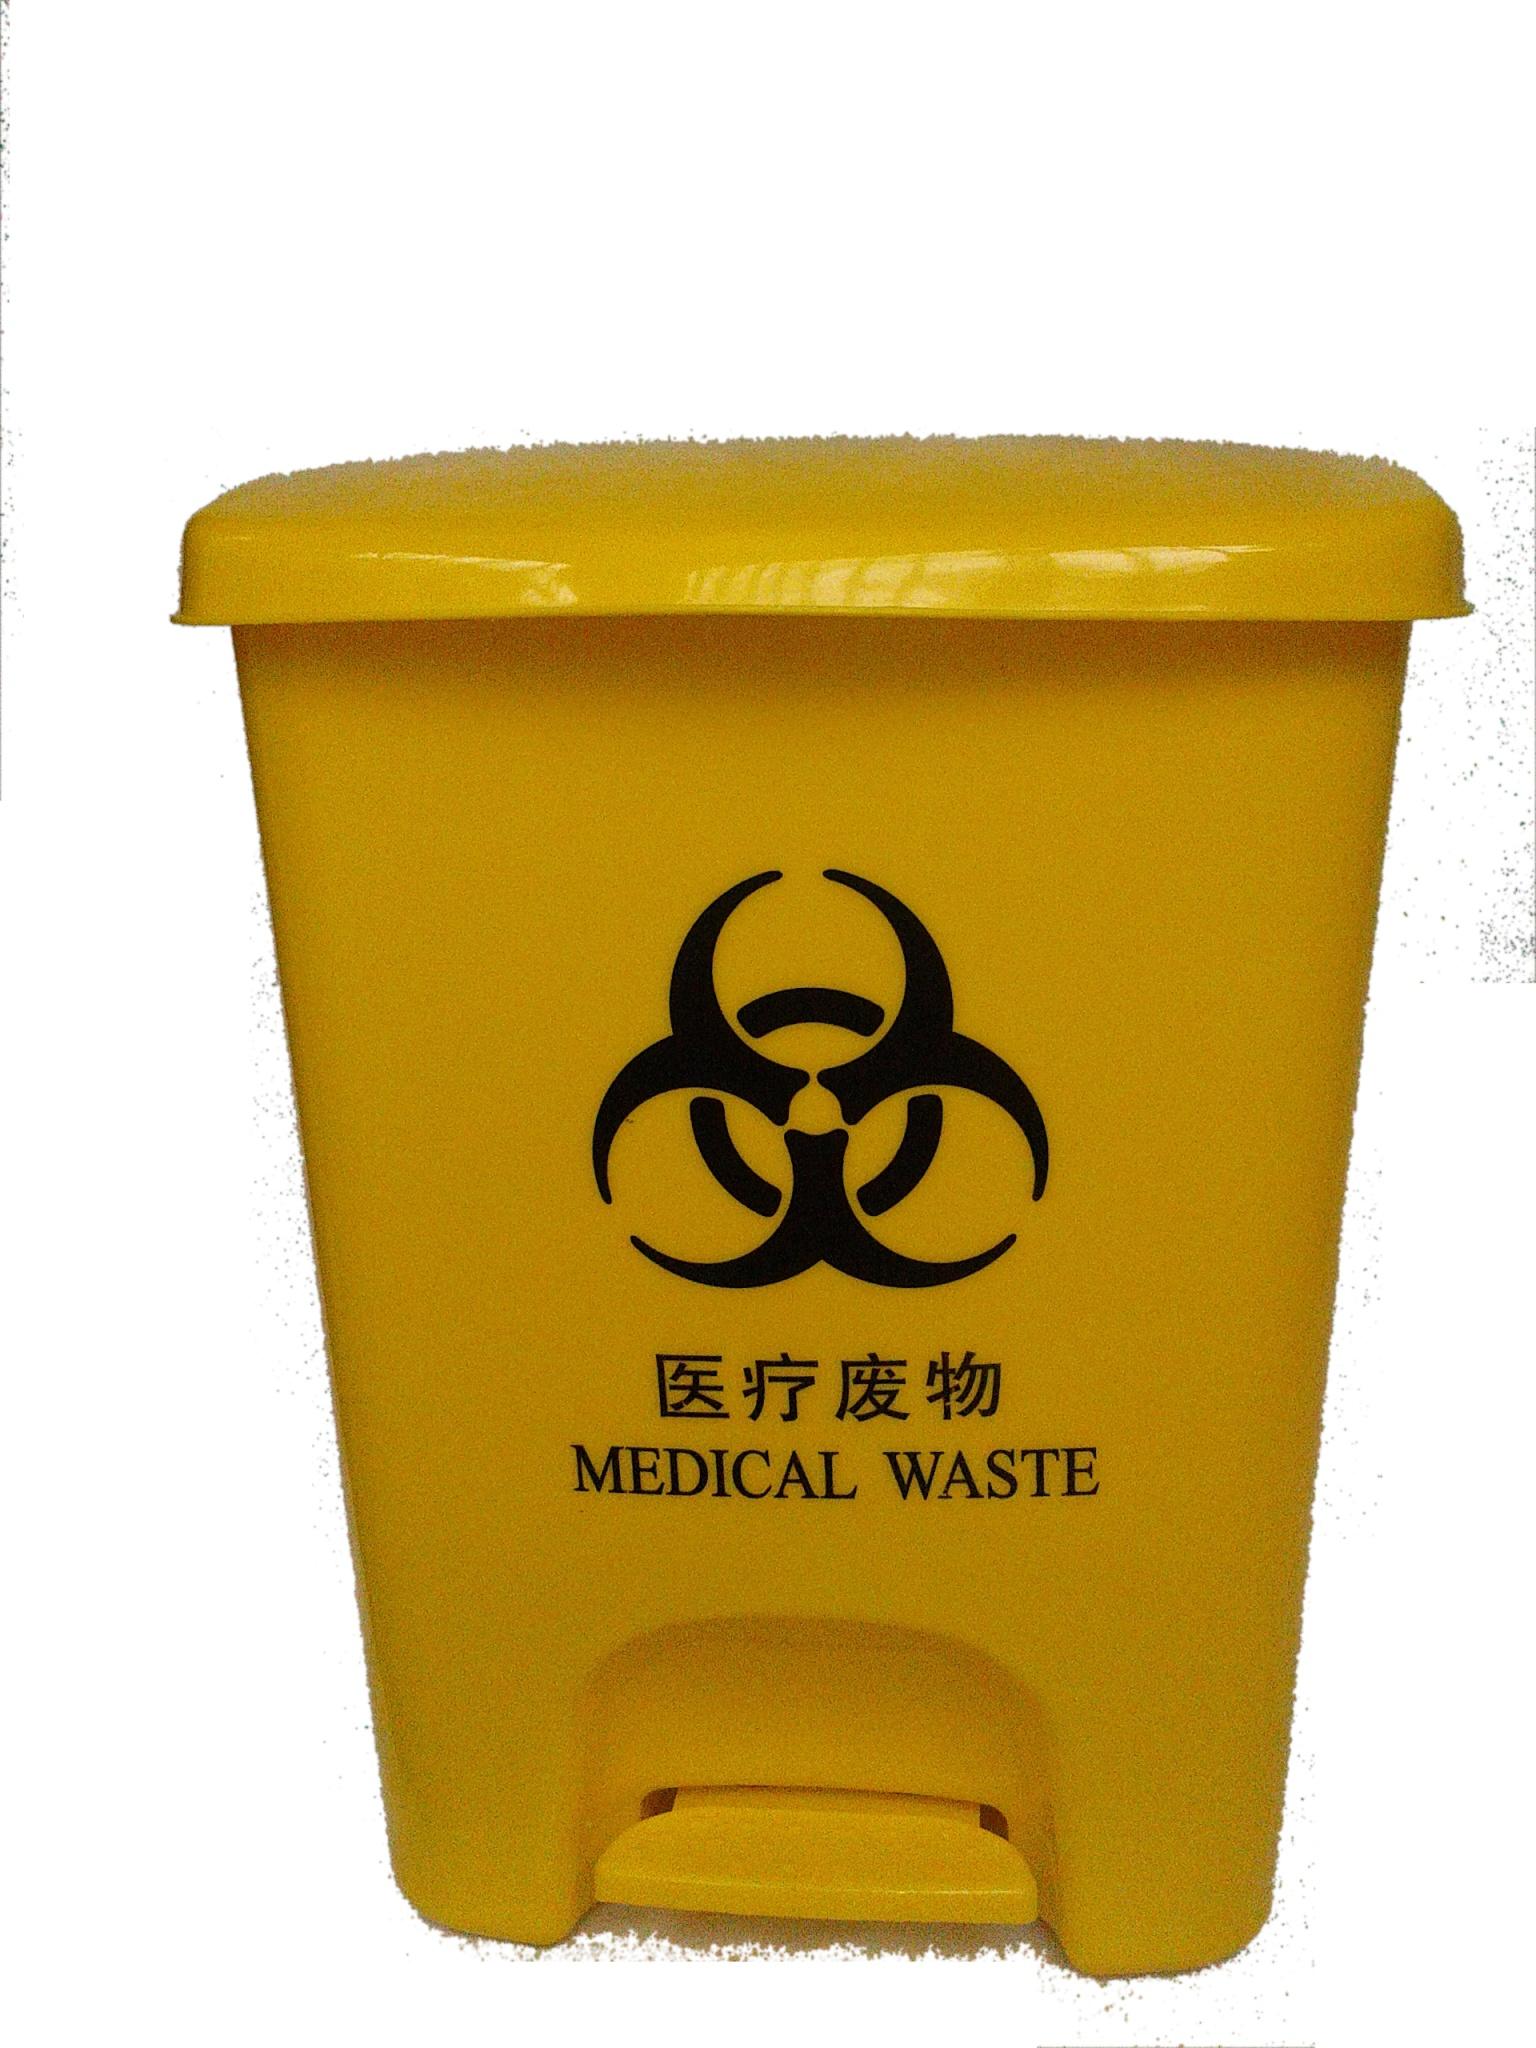 25升医疗脚踏垃圾桶